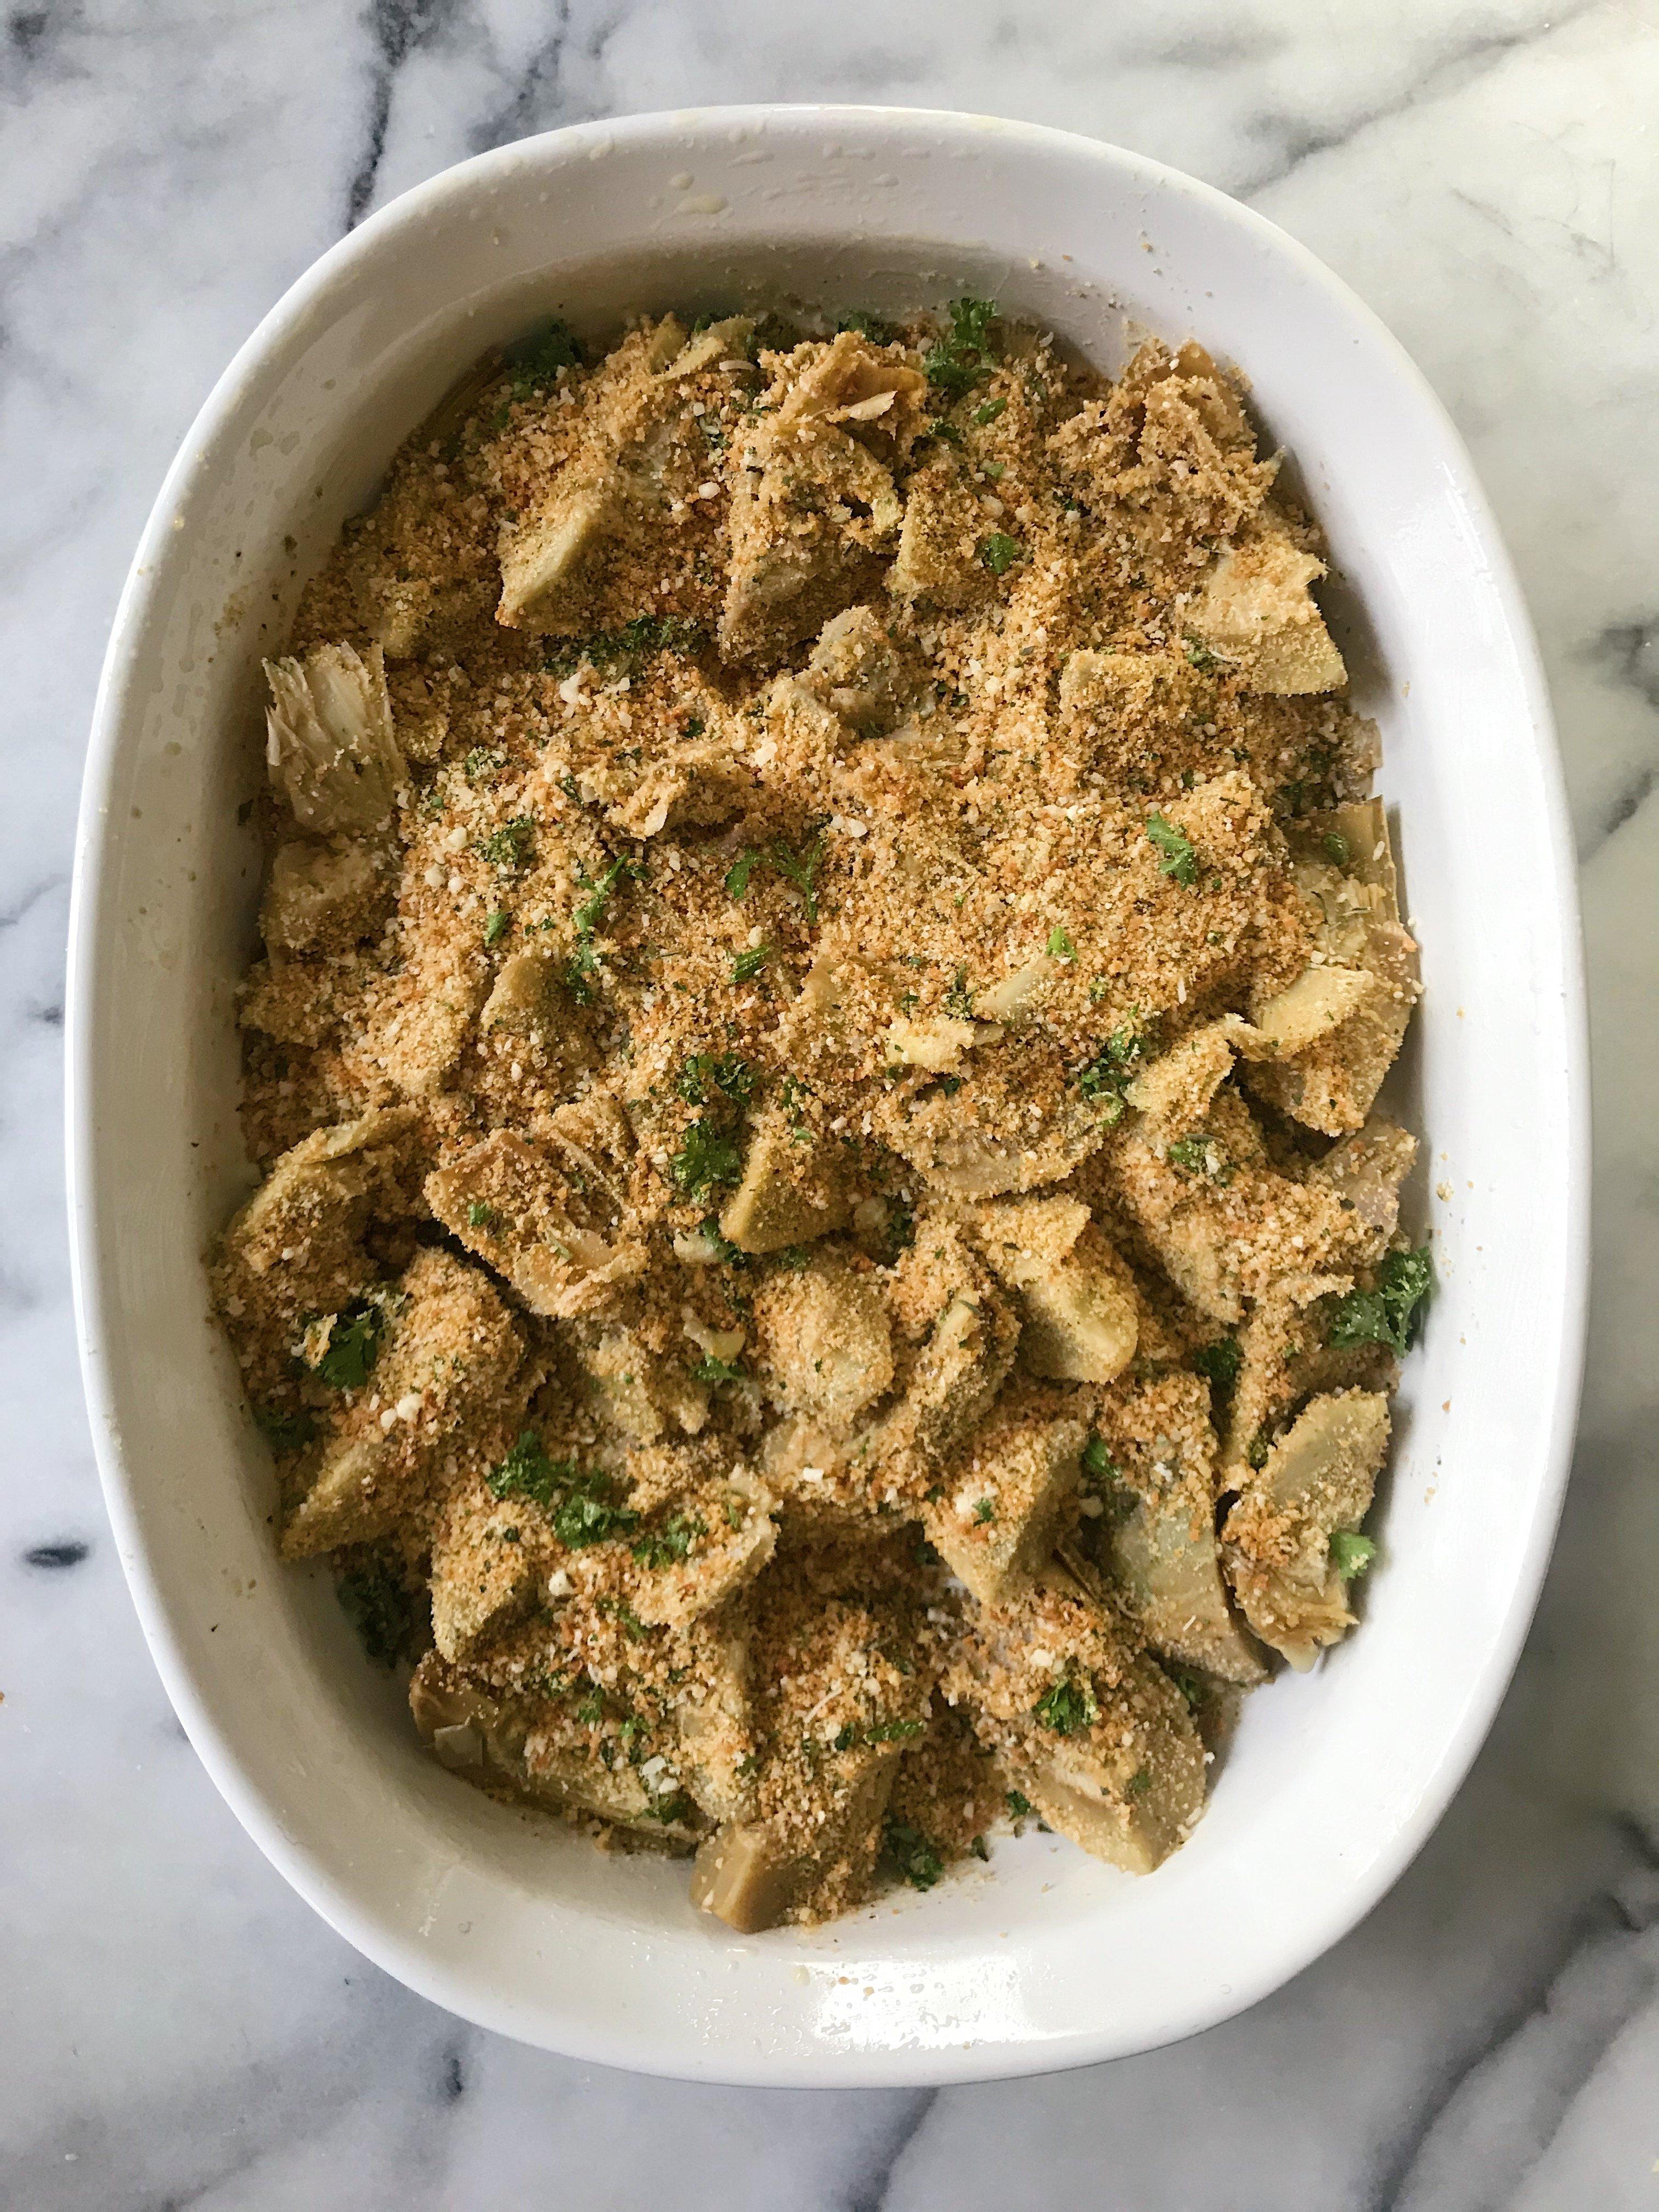 Italian Stuffed Artichokes gluten free #glutenfreerecipes www.heatlhygffamily.com